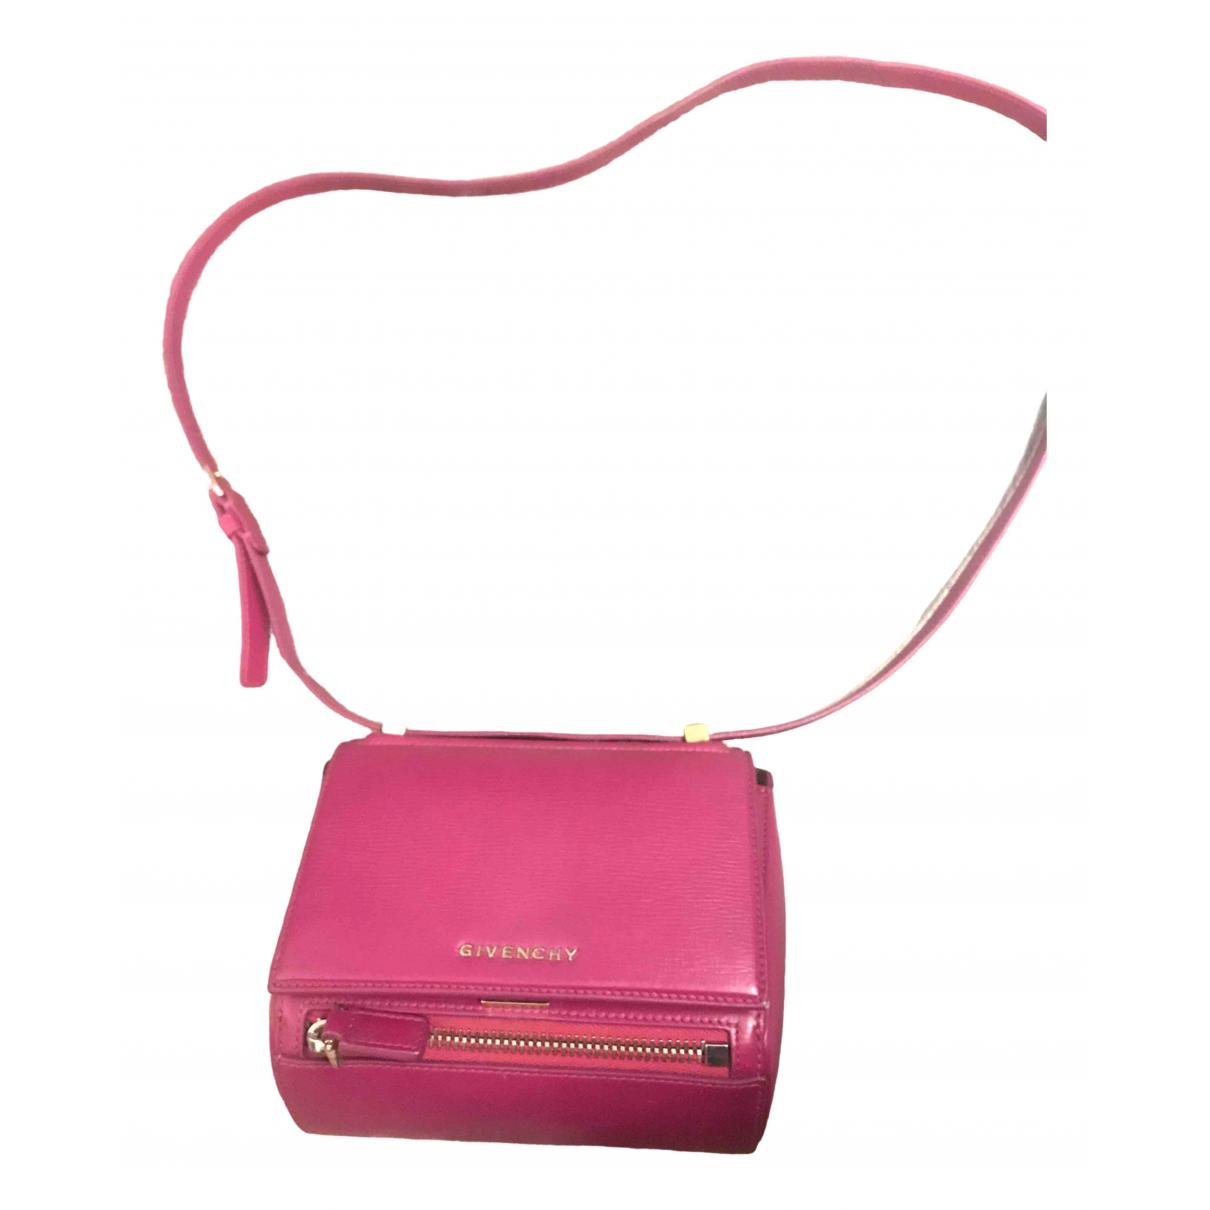 Givenchy - Sac a main Pandora Box pour femme en cuir - violet